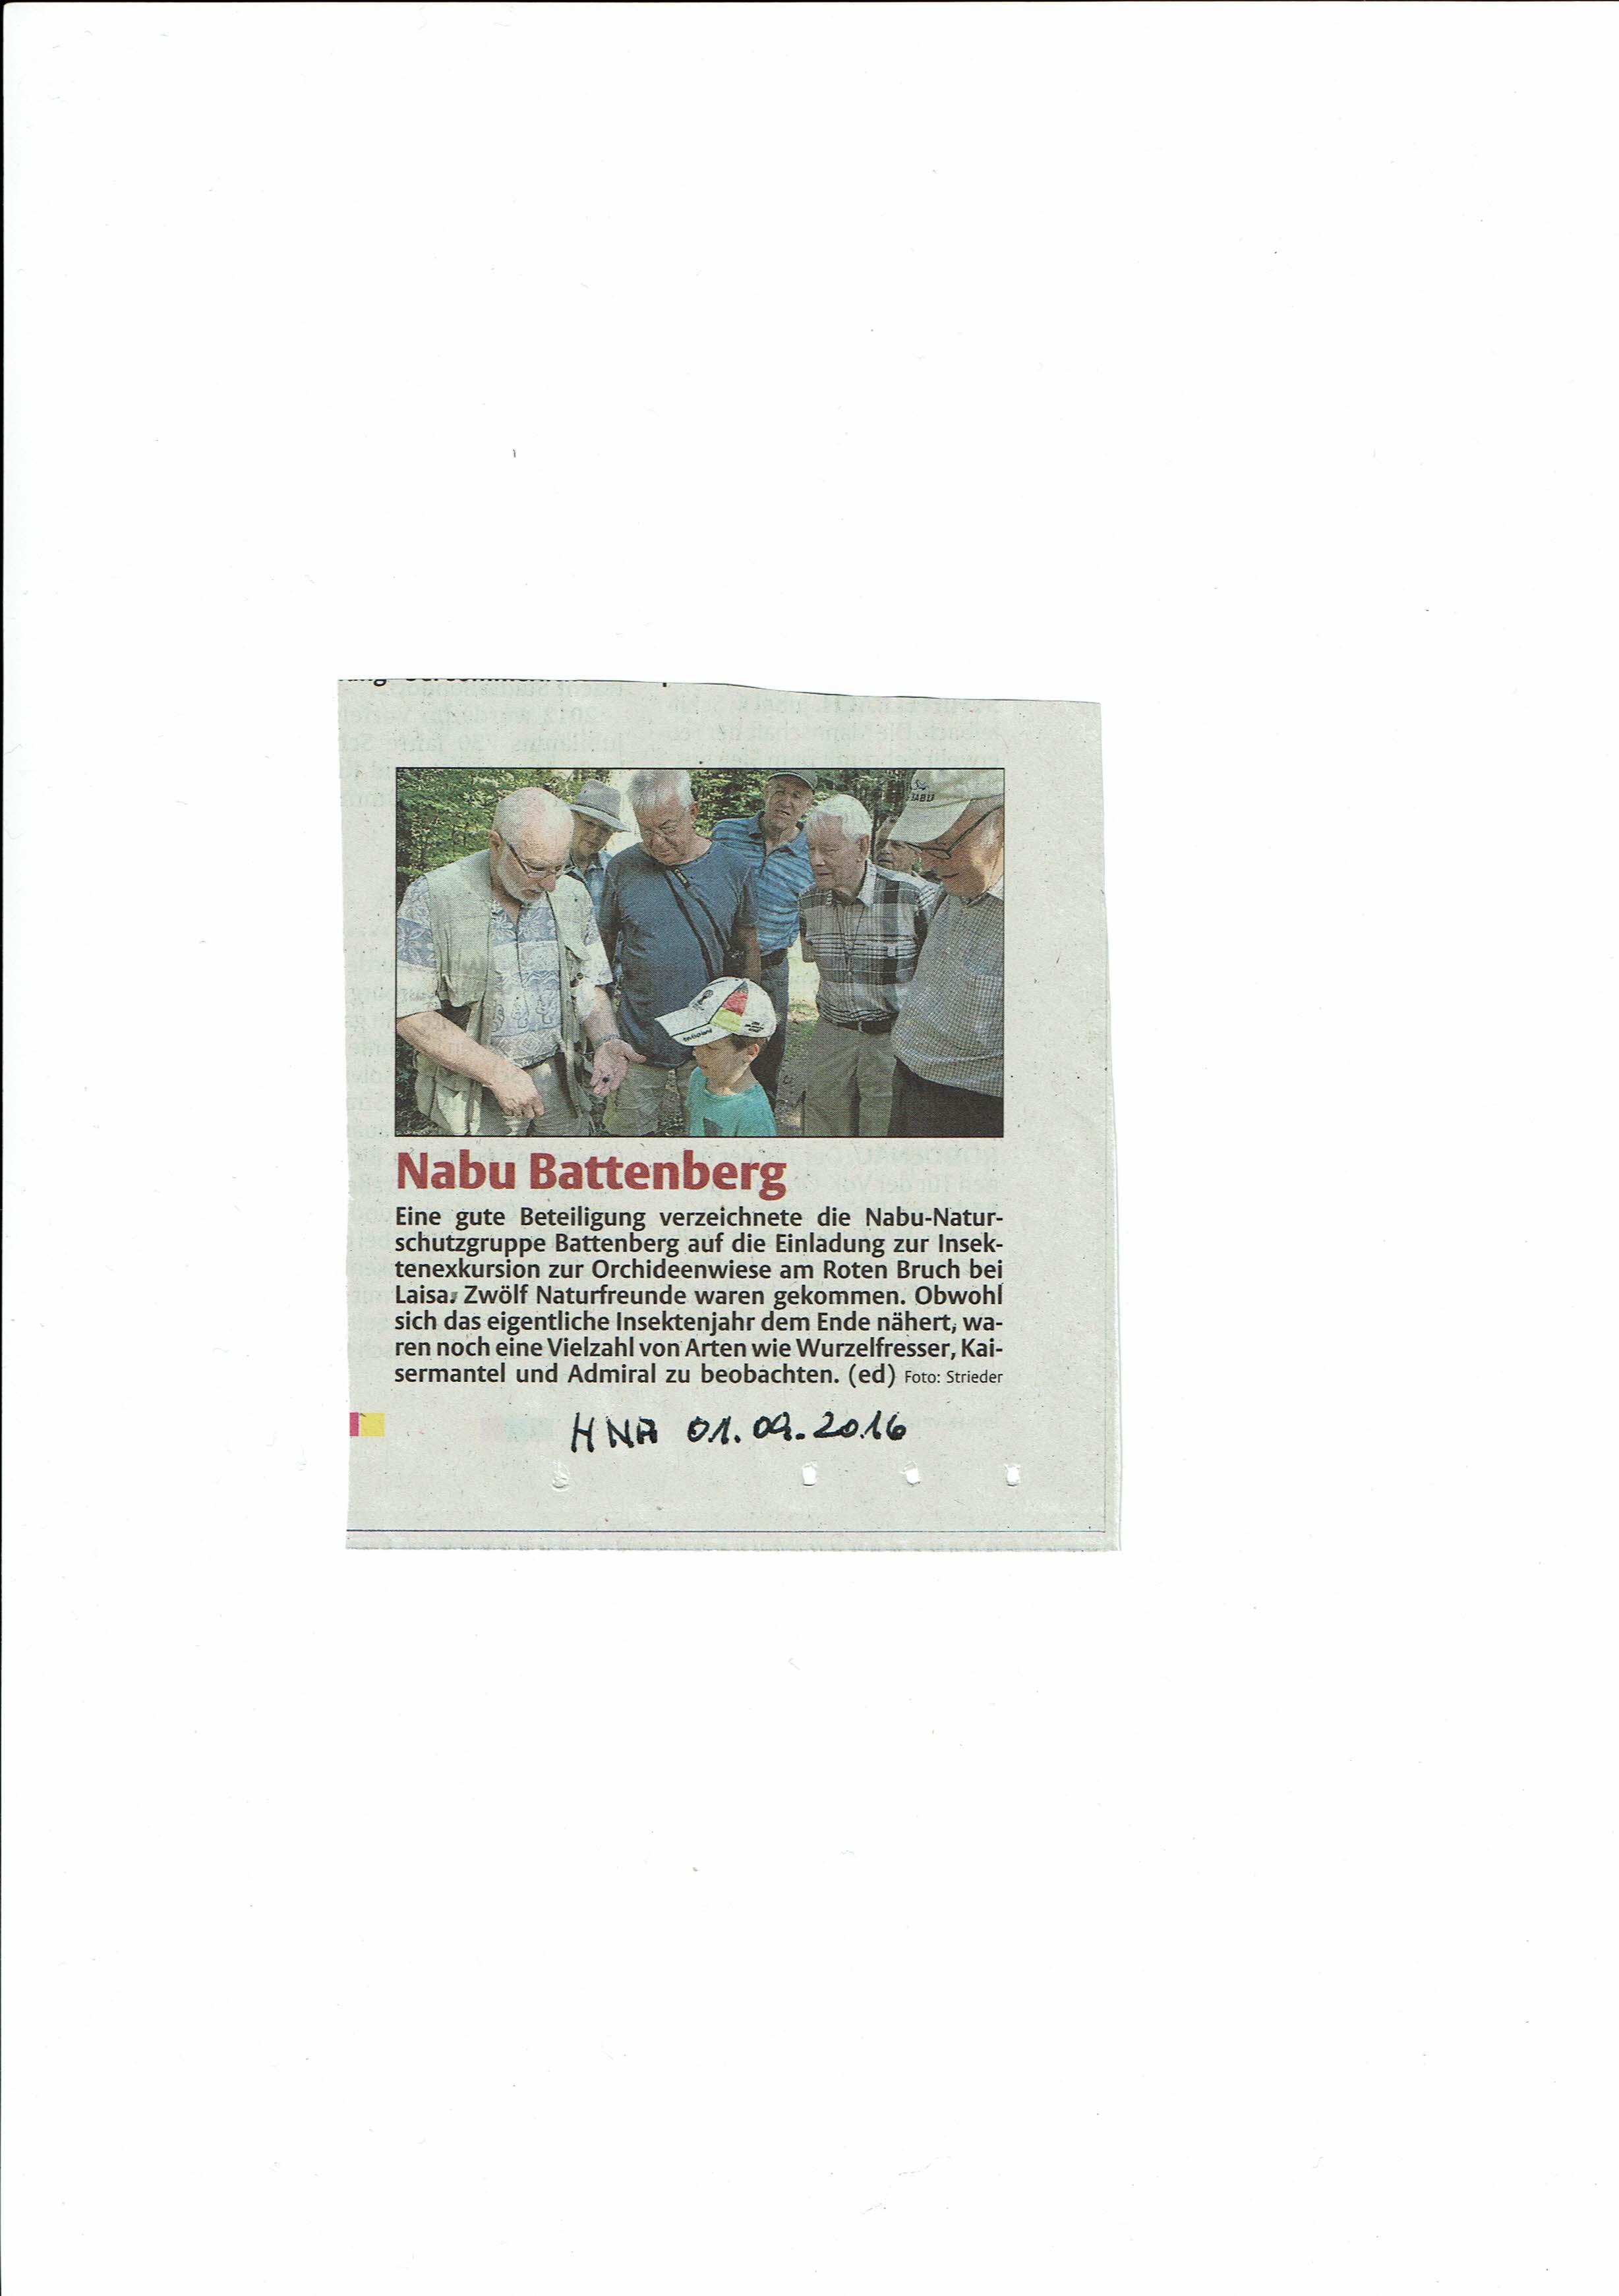 nabu-battenberg.de - Presseartikel